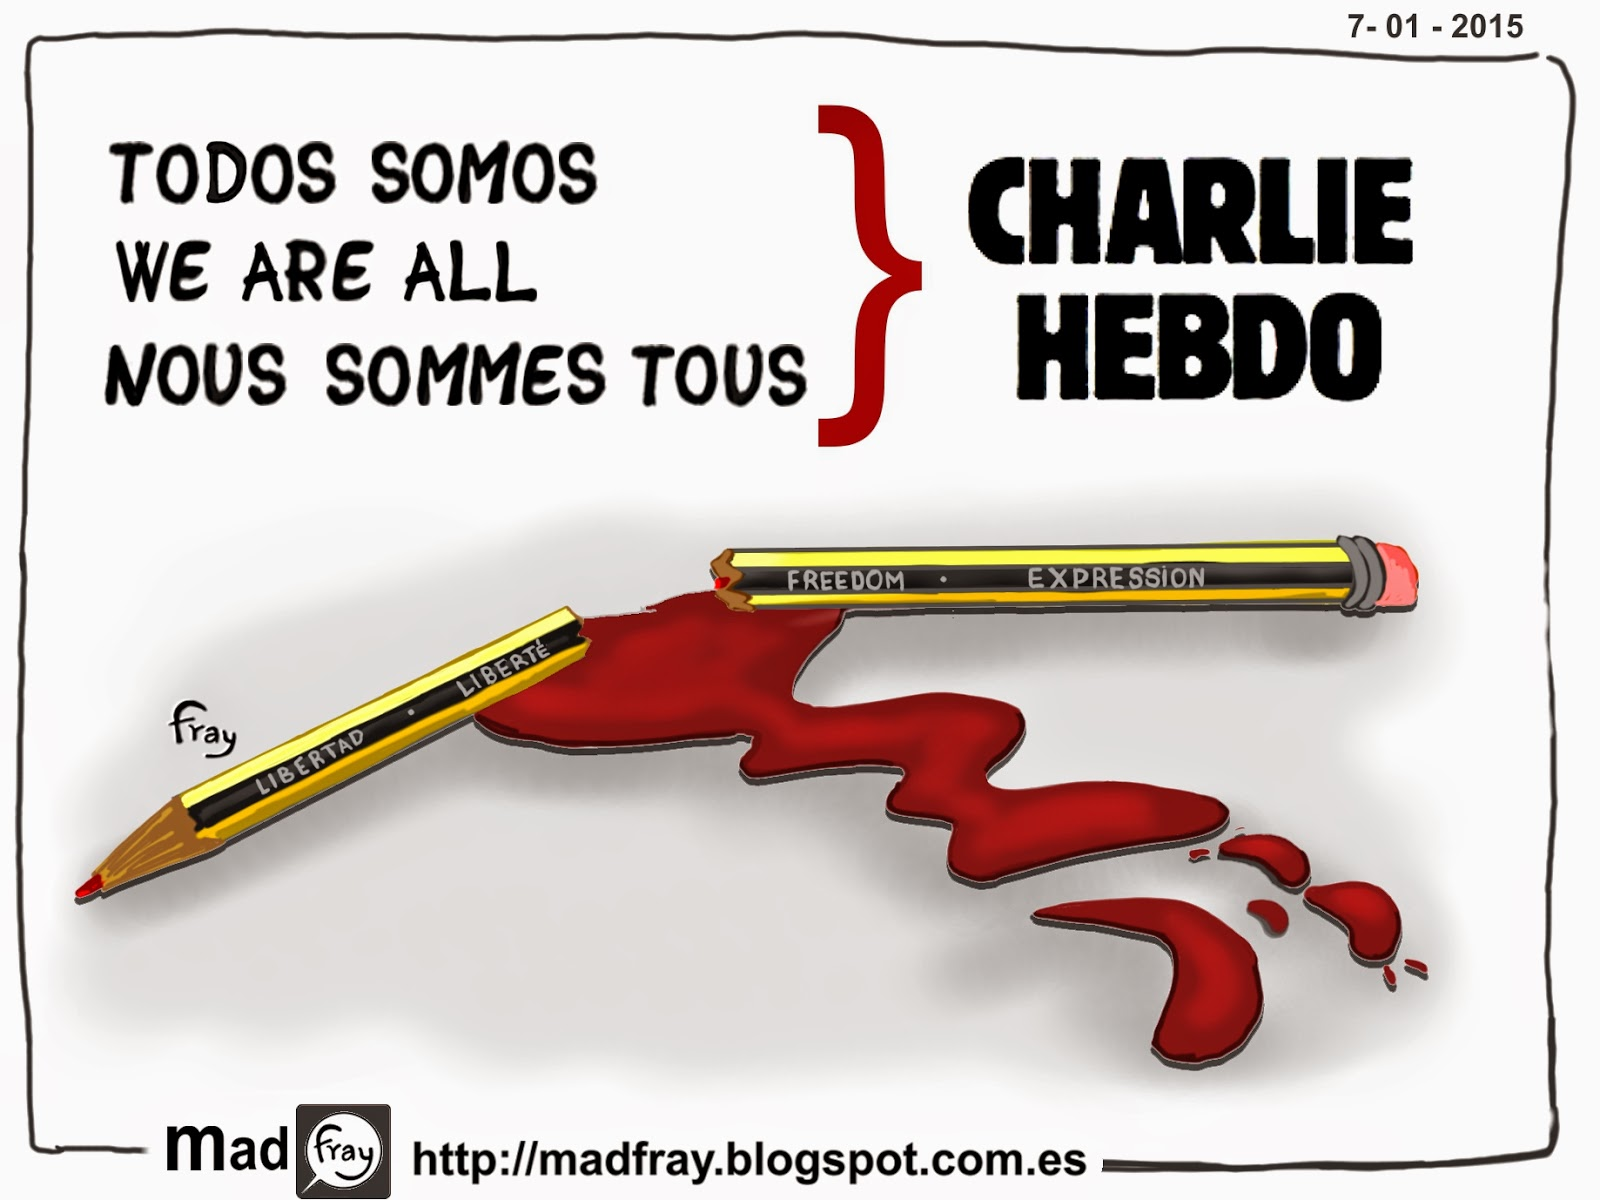 Viñeta satírica de protesta por el atentado terrorista a la la revista satírica Charlie Hebdo Todos somos Charlie Hebo, We are all Charlie Hebo, Nous sommes tous Charlie Hebo